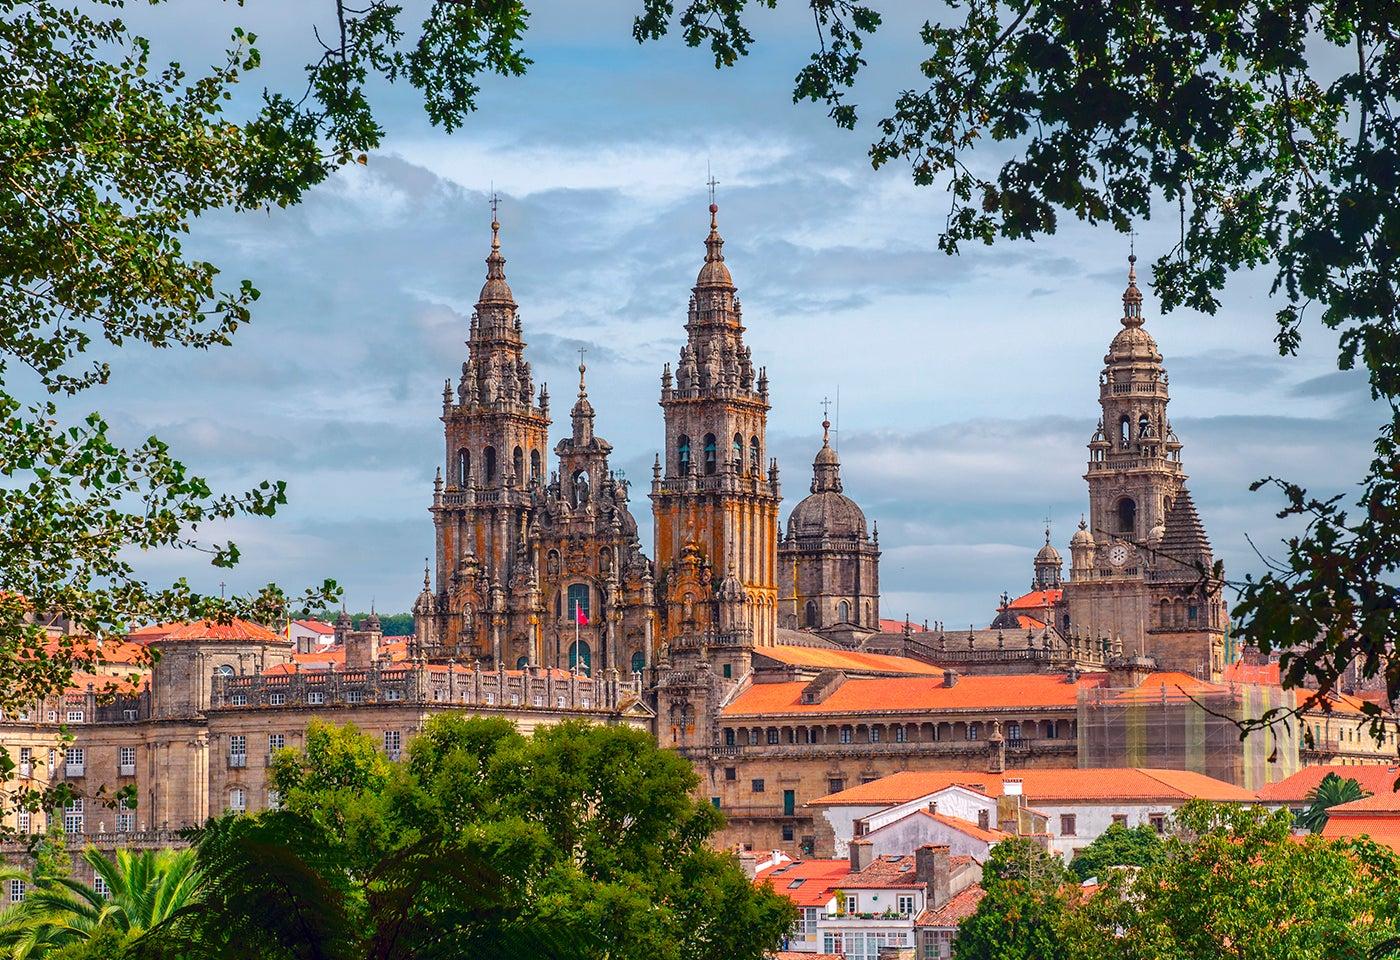 Visitamos las catedrales más famosas del mundo